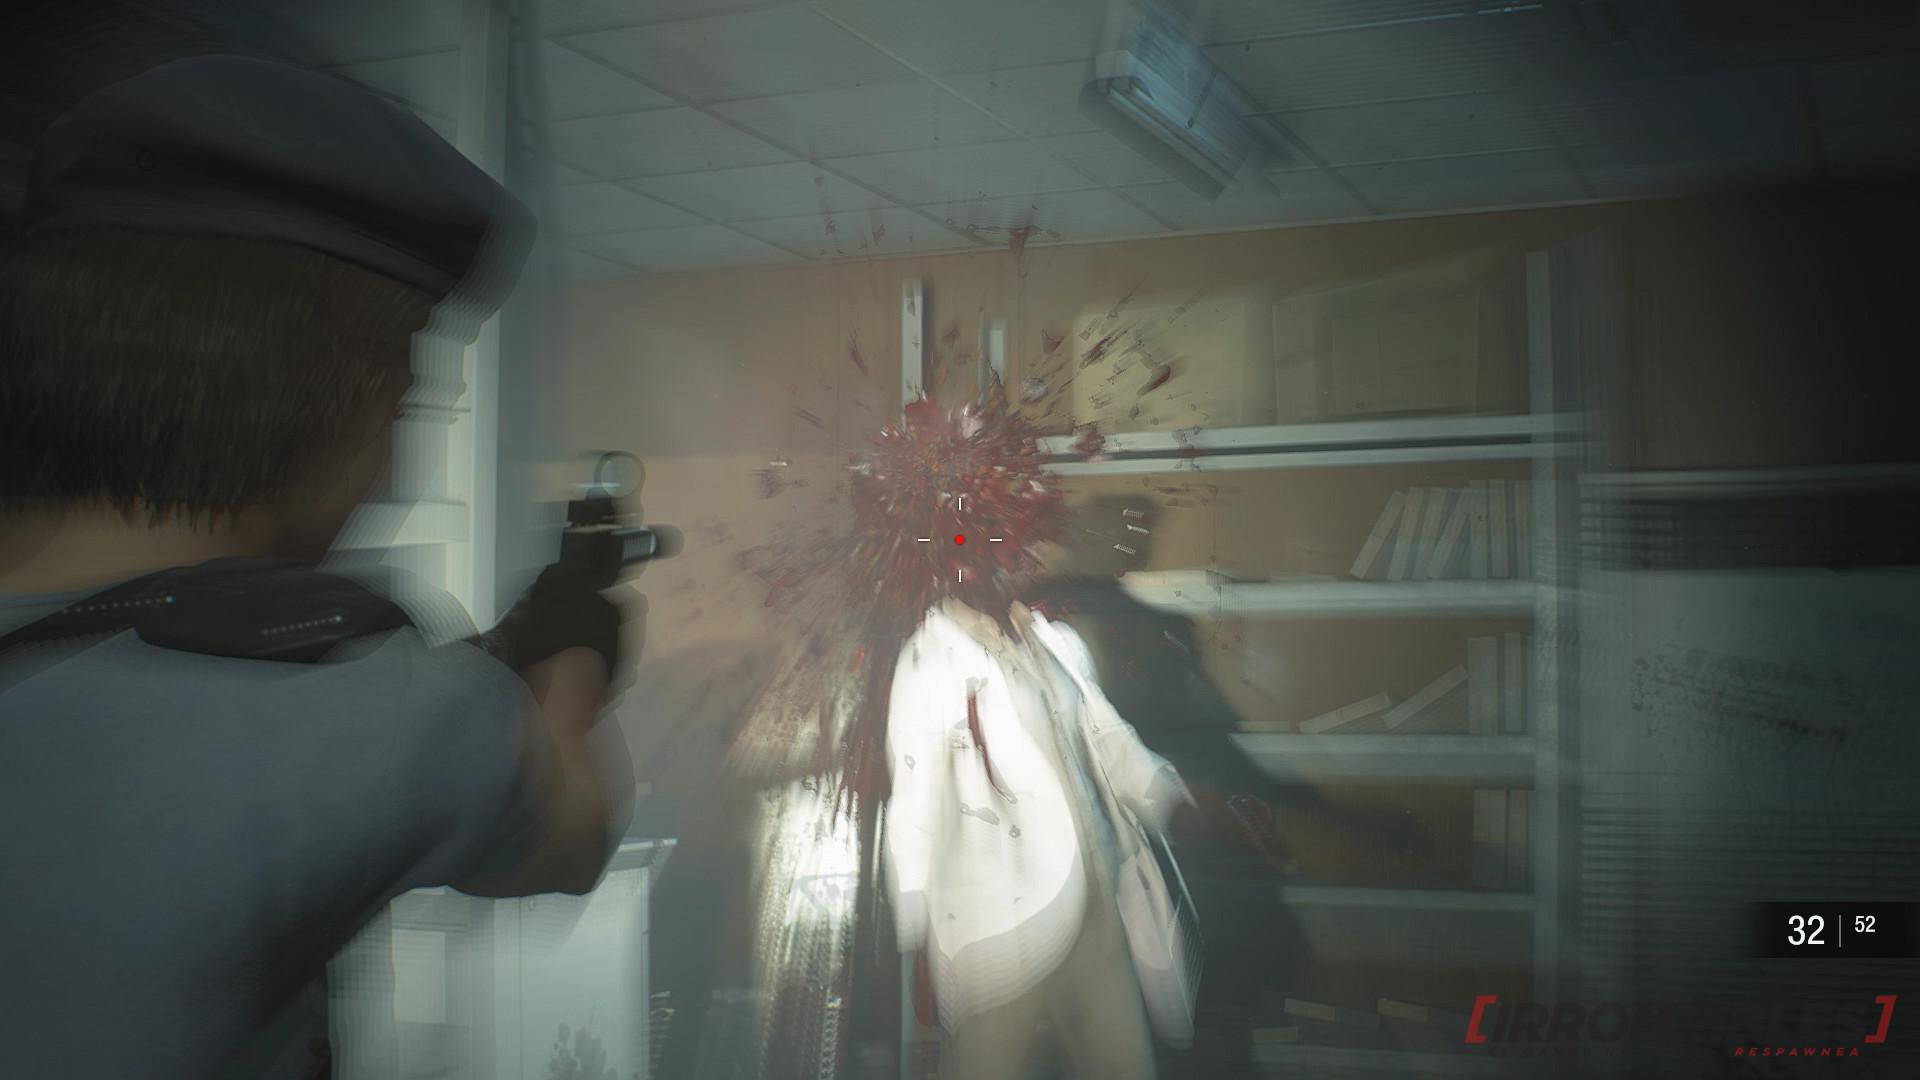 resident evil 3 remake headshot